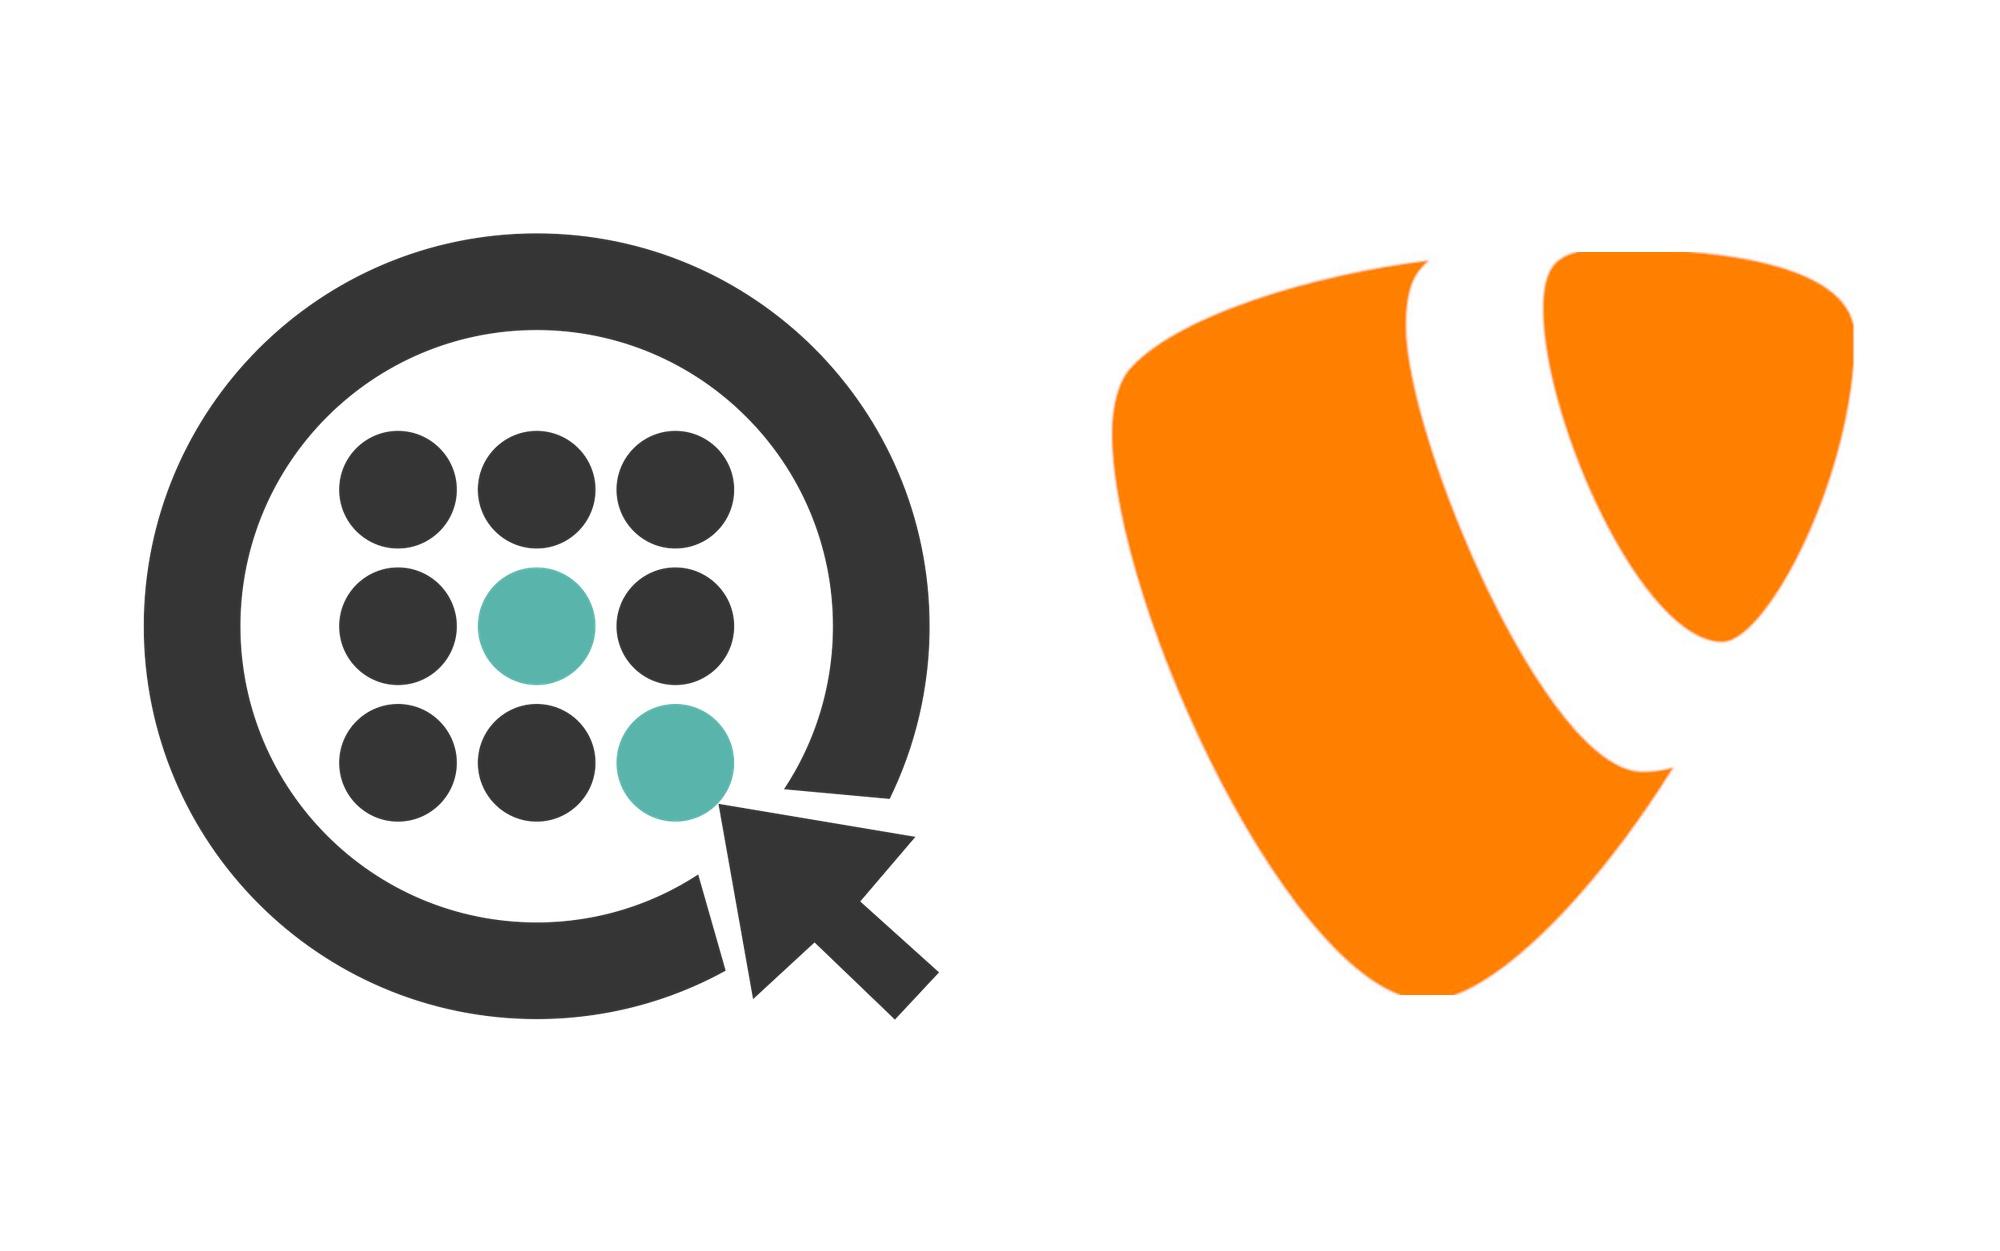 Cms 2014-2019 Calendar Sagenda Calendar Available for TYPO3   Sagenda